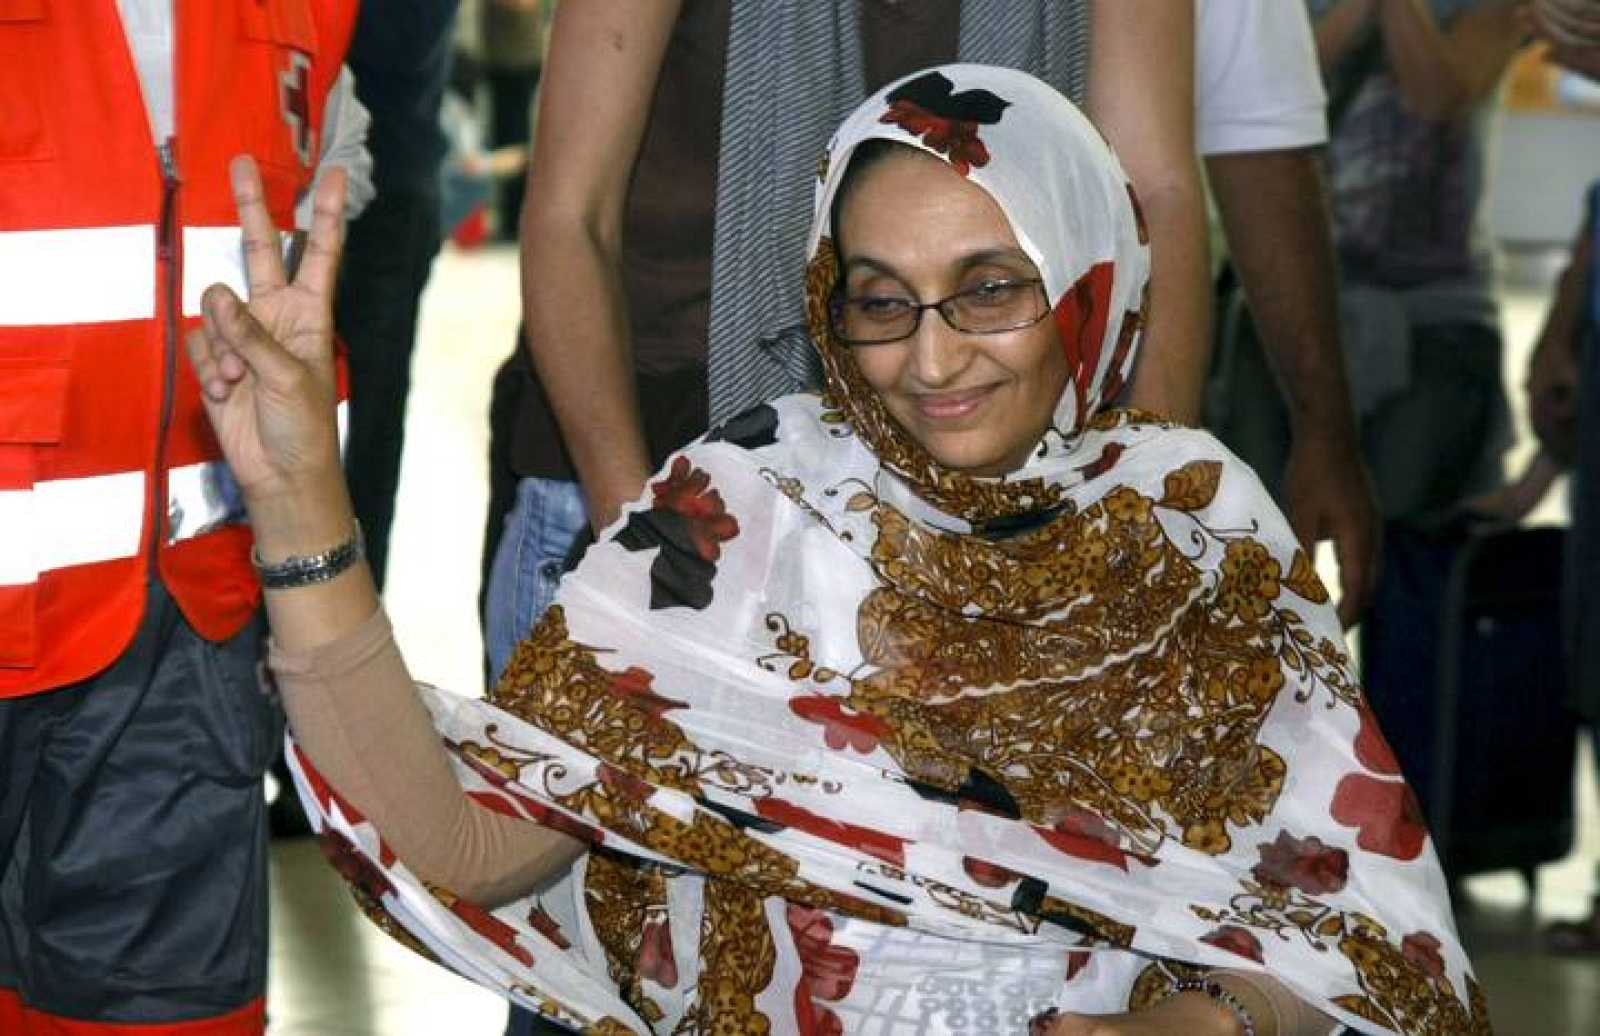 La activista saharaui Aminetu Haidar, que se encuentra en el aeropuerto de Lanzarote desde hace una semana, en huelga de hambre, tras ser expulsada por Marruecos, agradece el apoyo que multitud de personas le ofrecen.